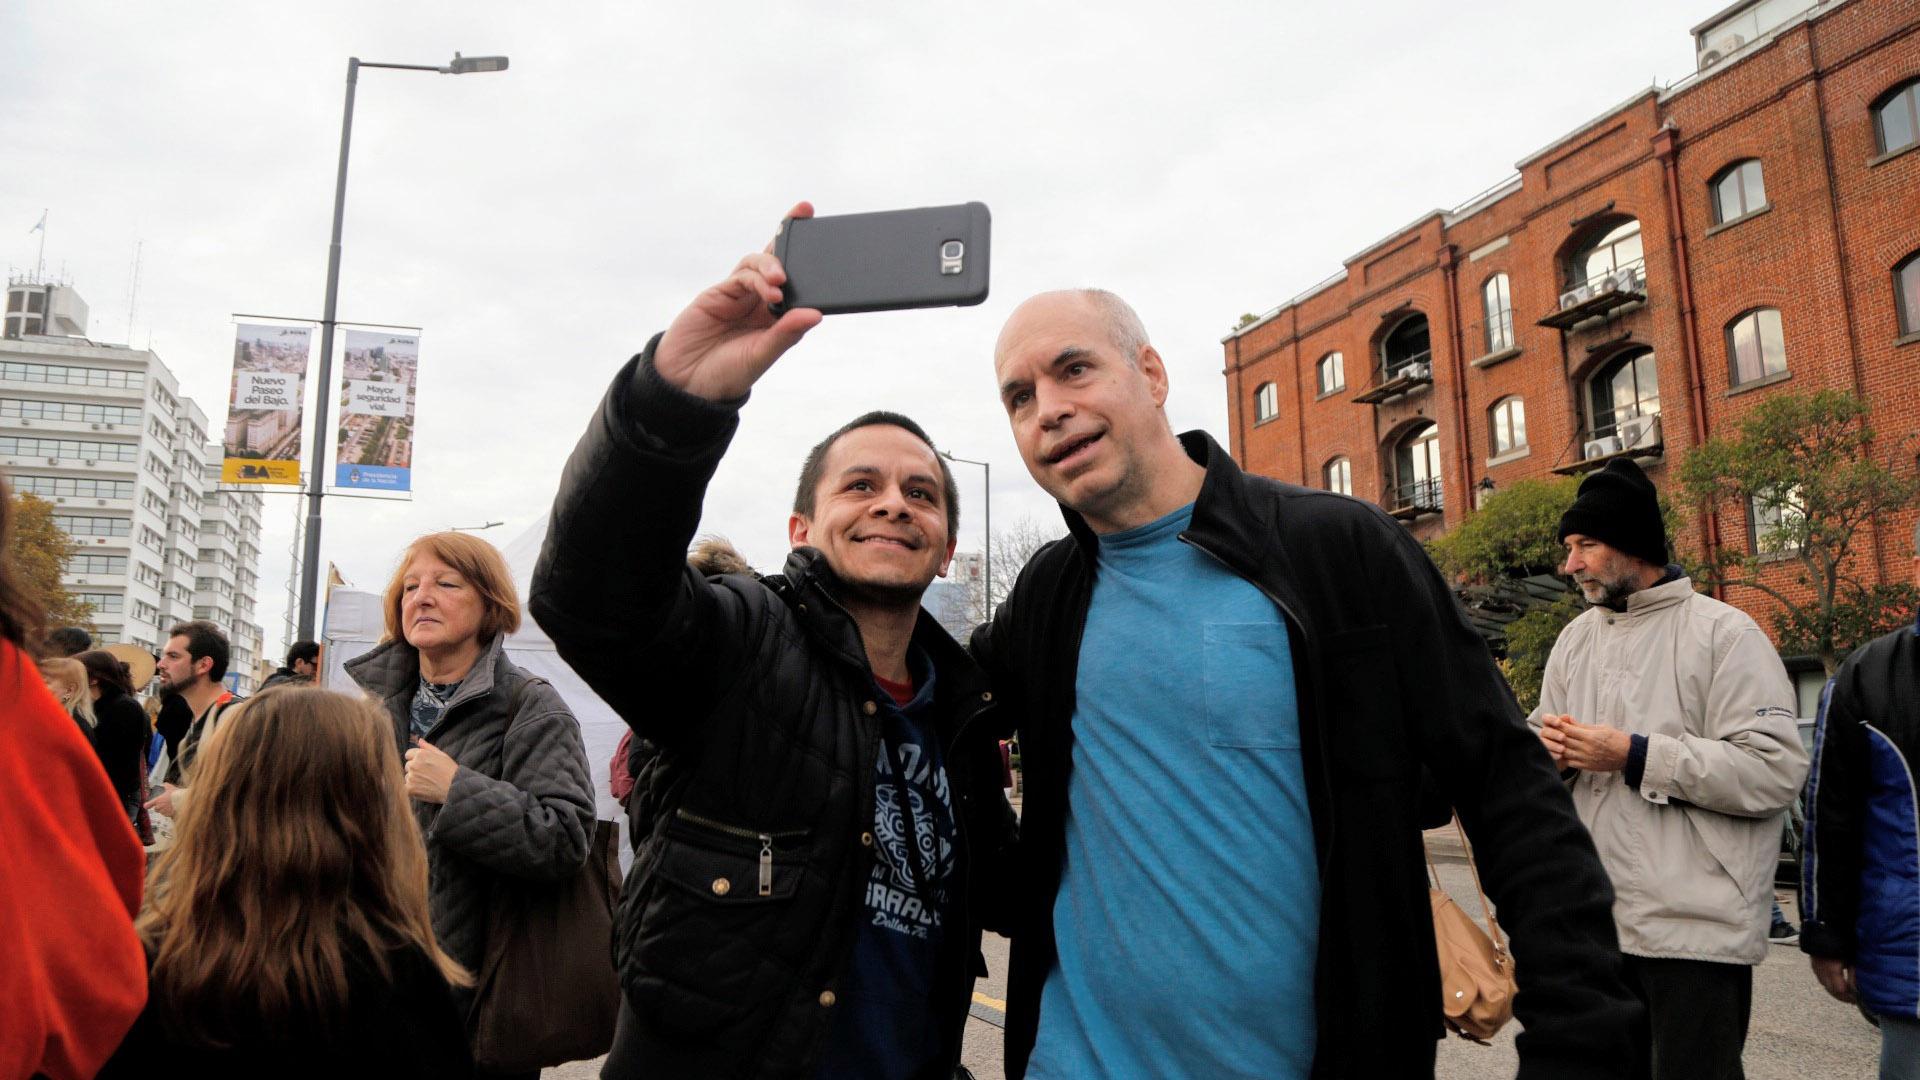 El Jefe de la Ciudad, Horacio Rodríguez Larreta, también se acercó a ver el desfile